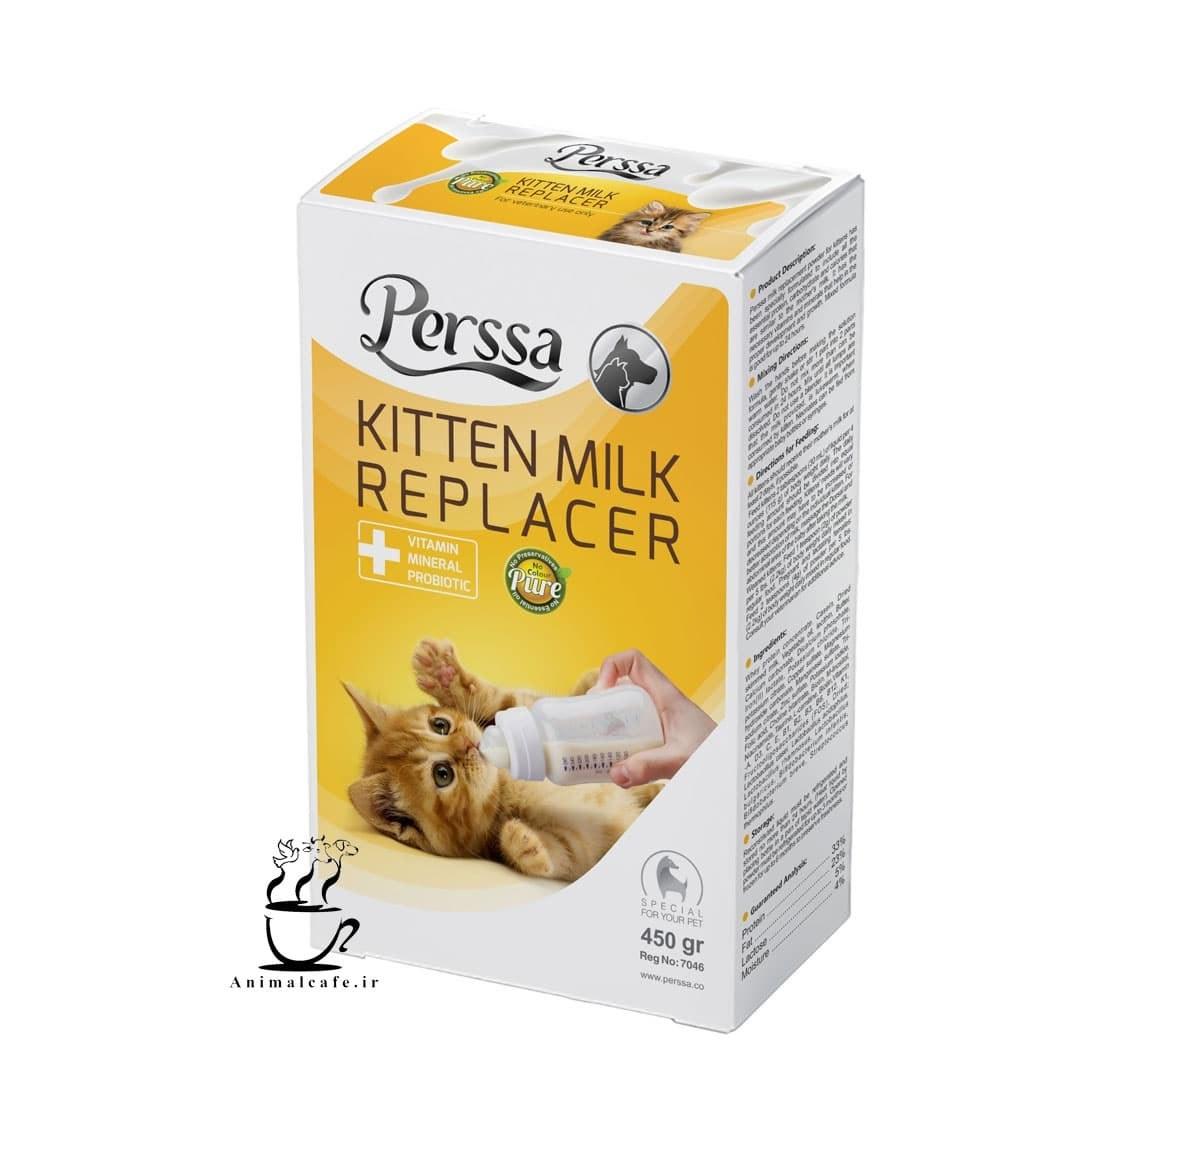 تصویر شیرخشک پرسا مخصوص بچه گربه 450 گرم